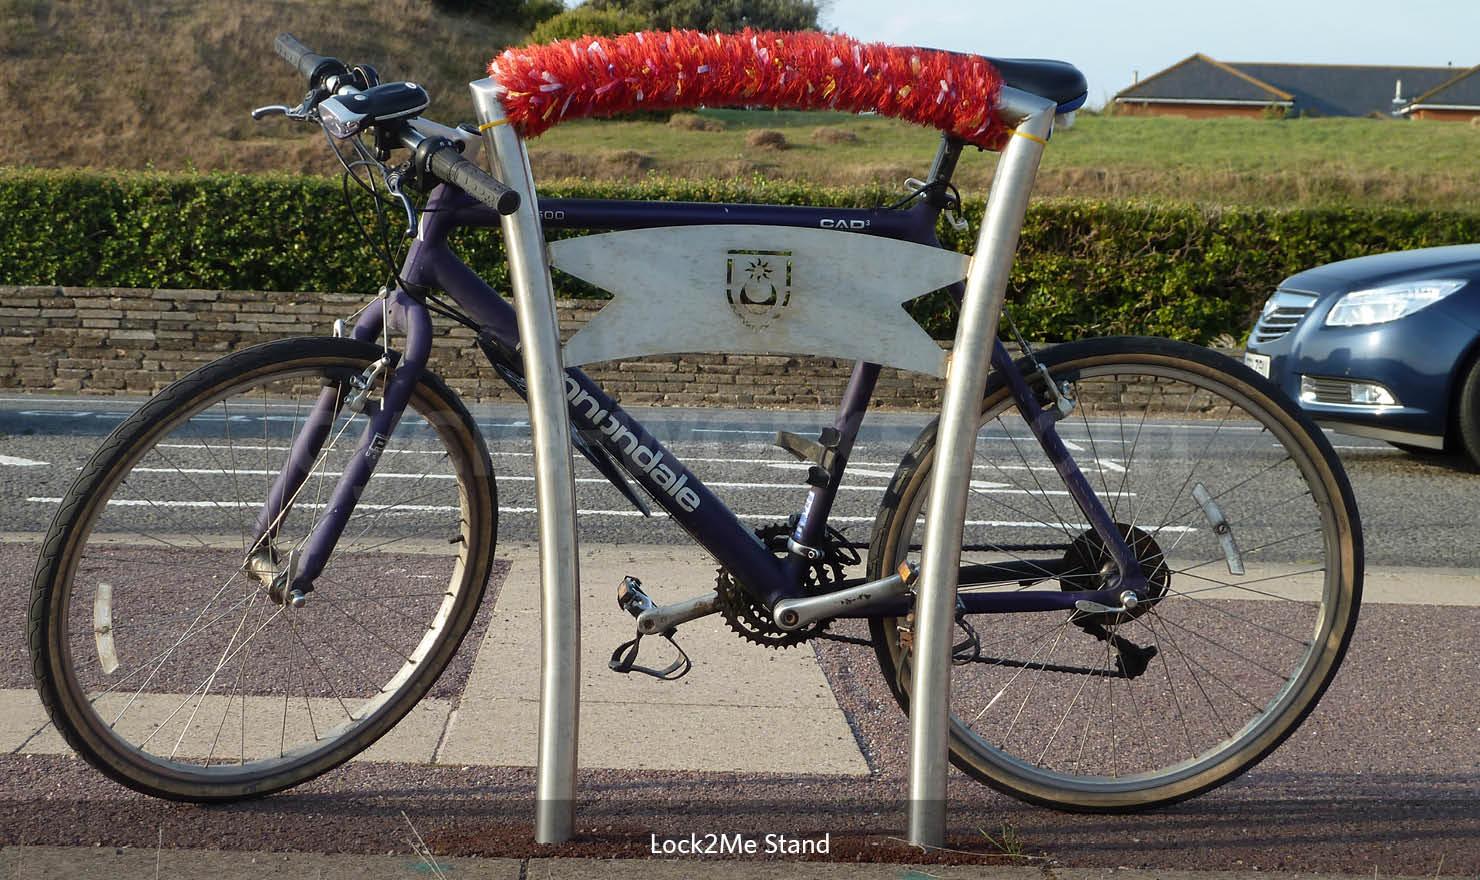 Lock 2 Me Cycle Rack